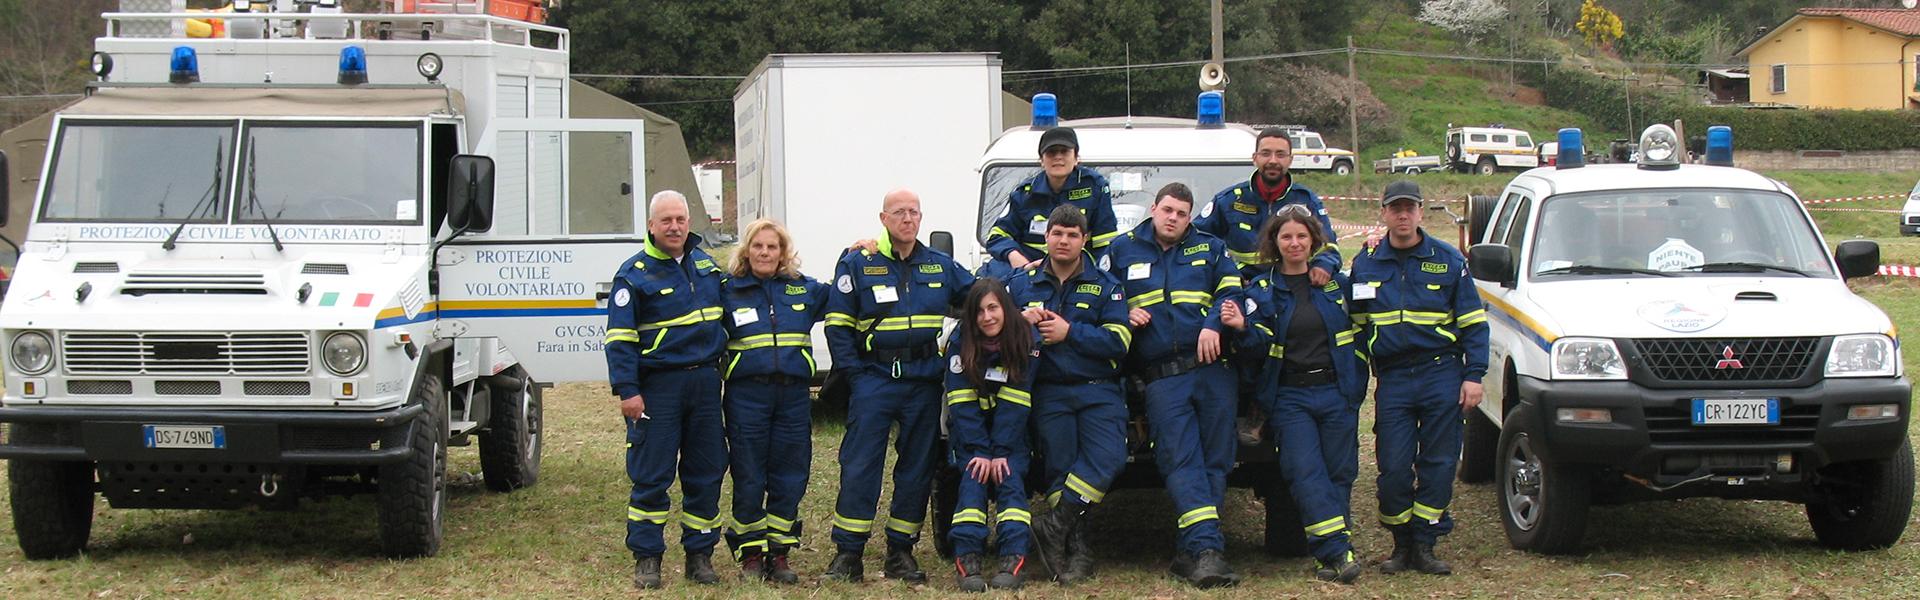 Gruppo Volontariato Civile Squadra Antincendio - Fara in Sabina